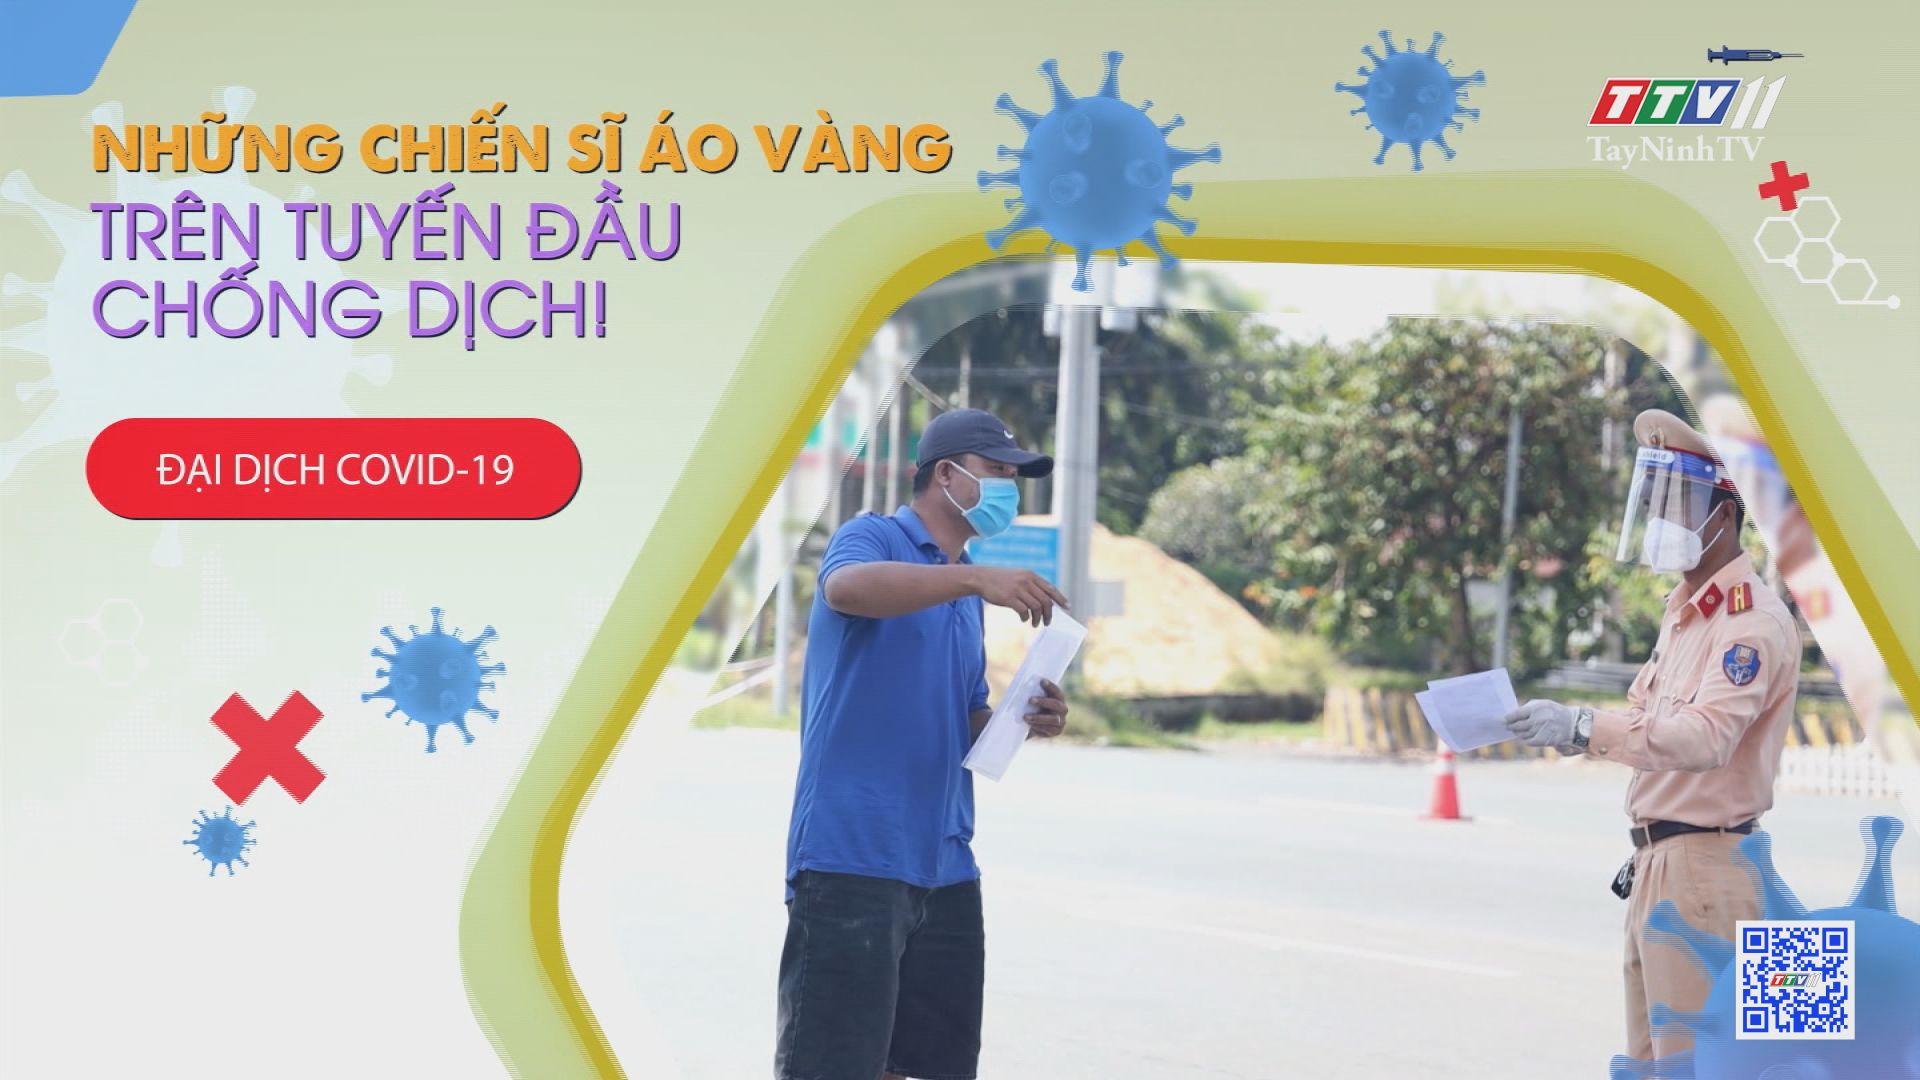 Những chiến sĩ áo vàng trên tuyến đầu chống dịch | VĂN HÓA GIAO THÔNG | TayNinhTV